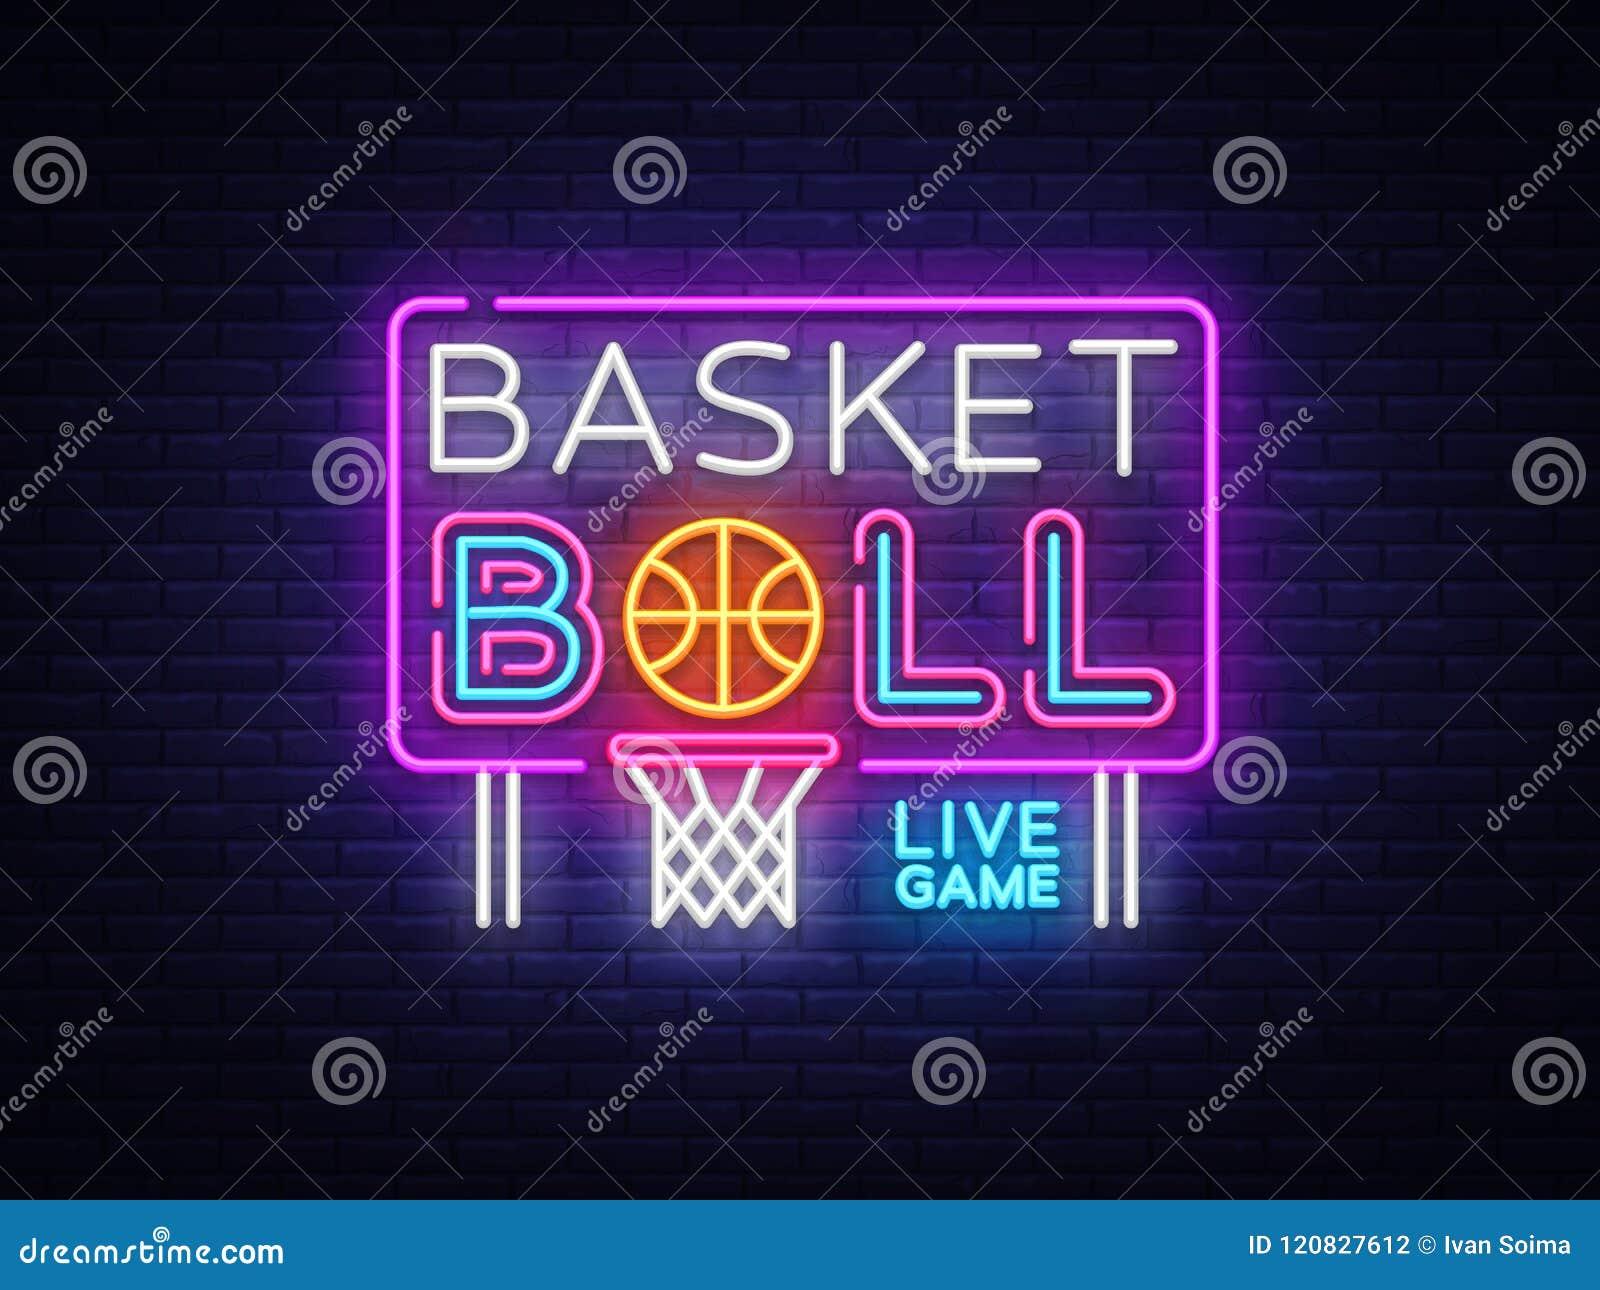 Διάνυσμα σημαδιών νέου καλαθοσφαίρισης Σημάδι νέου προτύπων σχεδίου καλαθοσφαίρισης, ελαφρύ έμβλημα, πινακίδα νέου, νυχτερινός φω